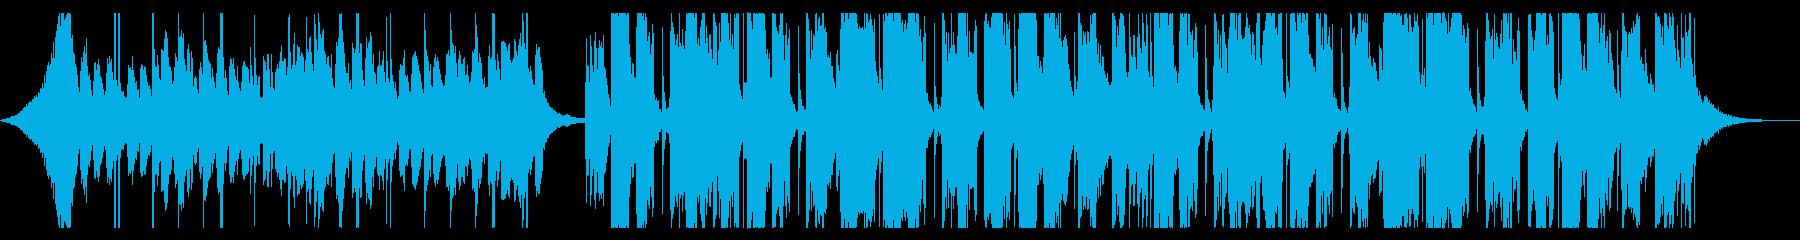 新しい何かが始まりそうな爽やかEDMの再生済みの波形